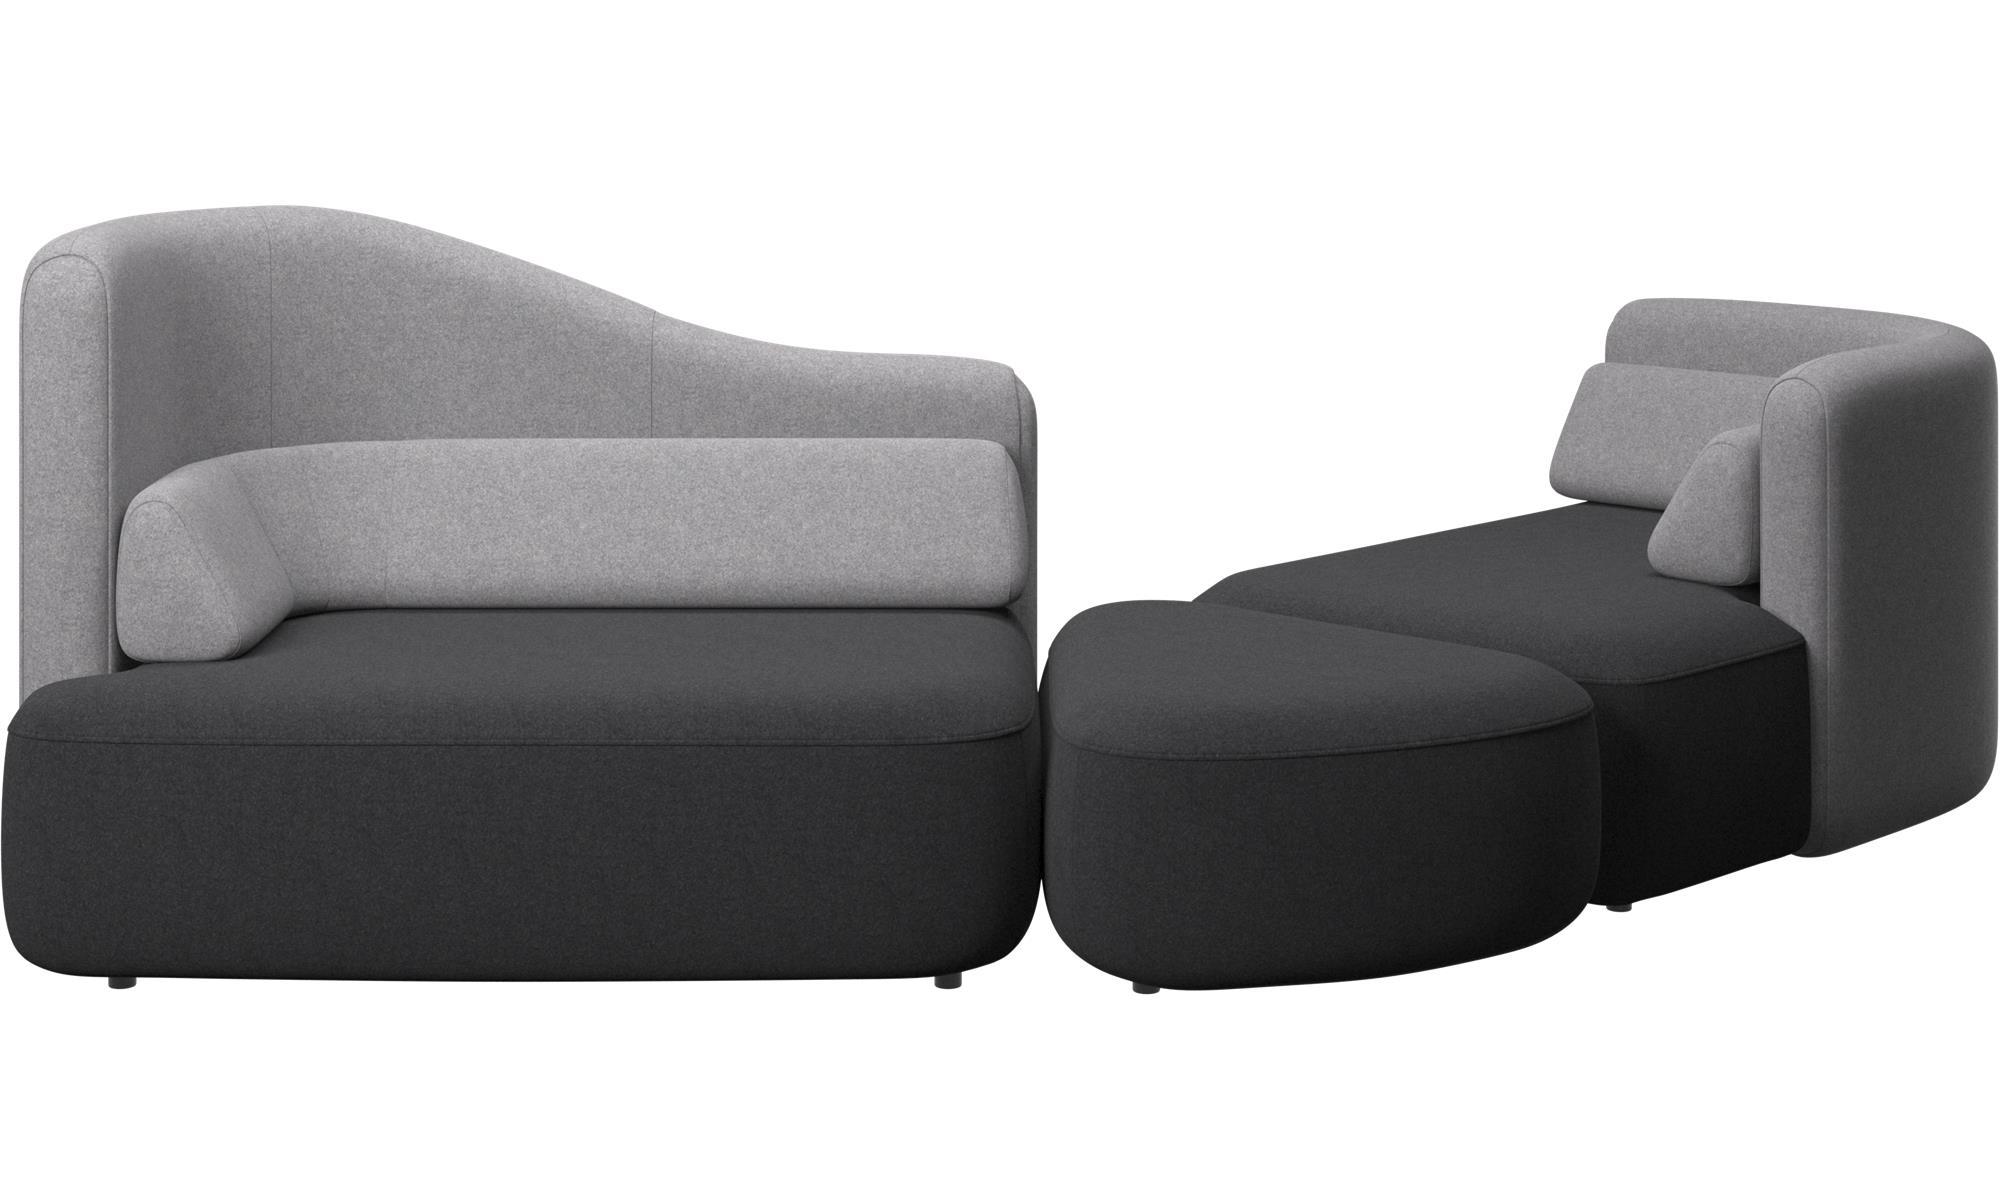 Modular sofas ottawa sofa boconcept for Sectional sofas ottawa